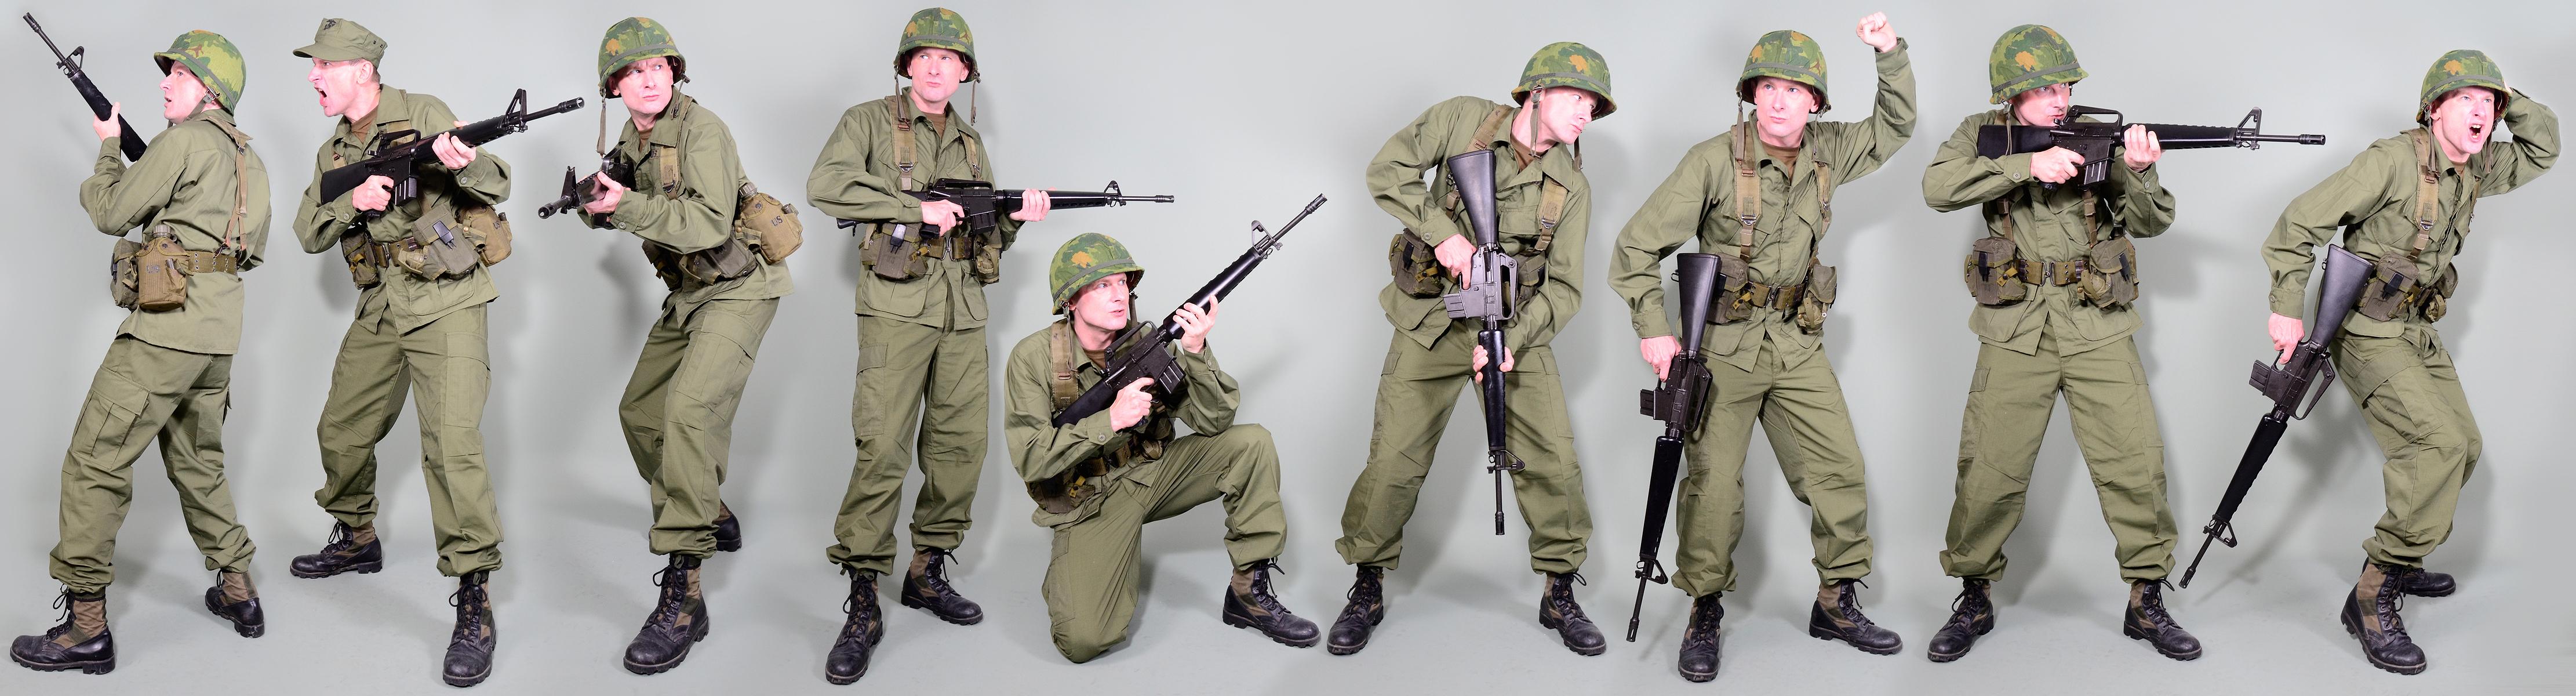 Military Uniform Us Soldiers Vietnam War By Mazuskarl On Deviantart